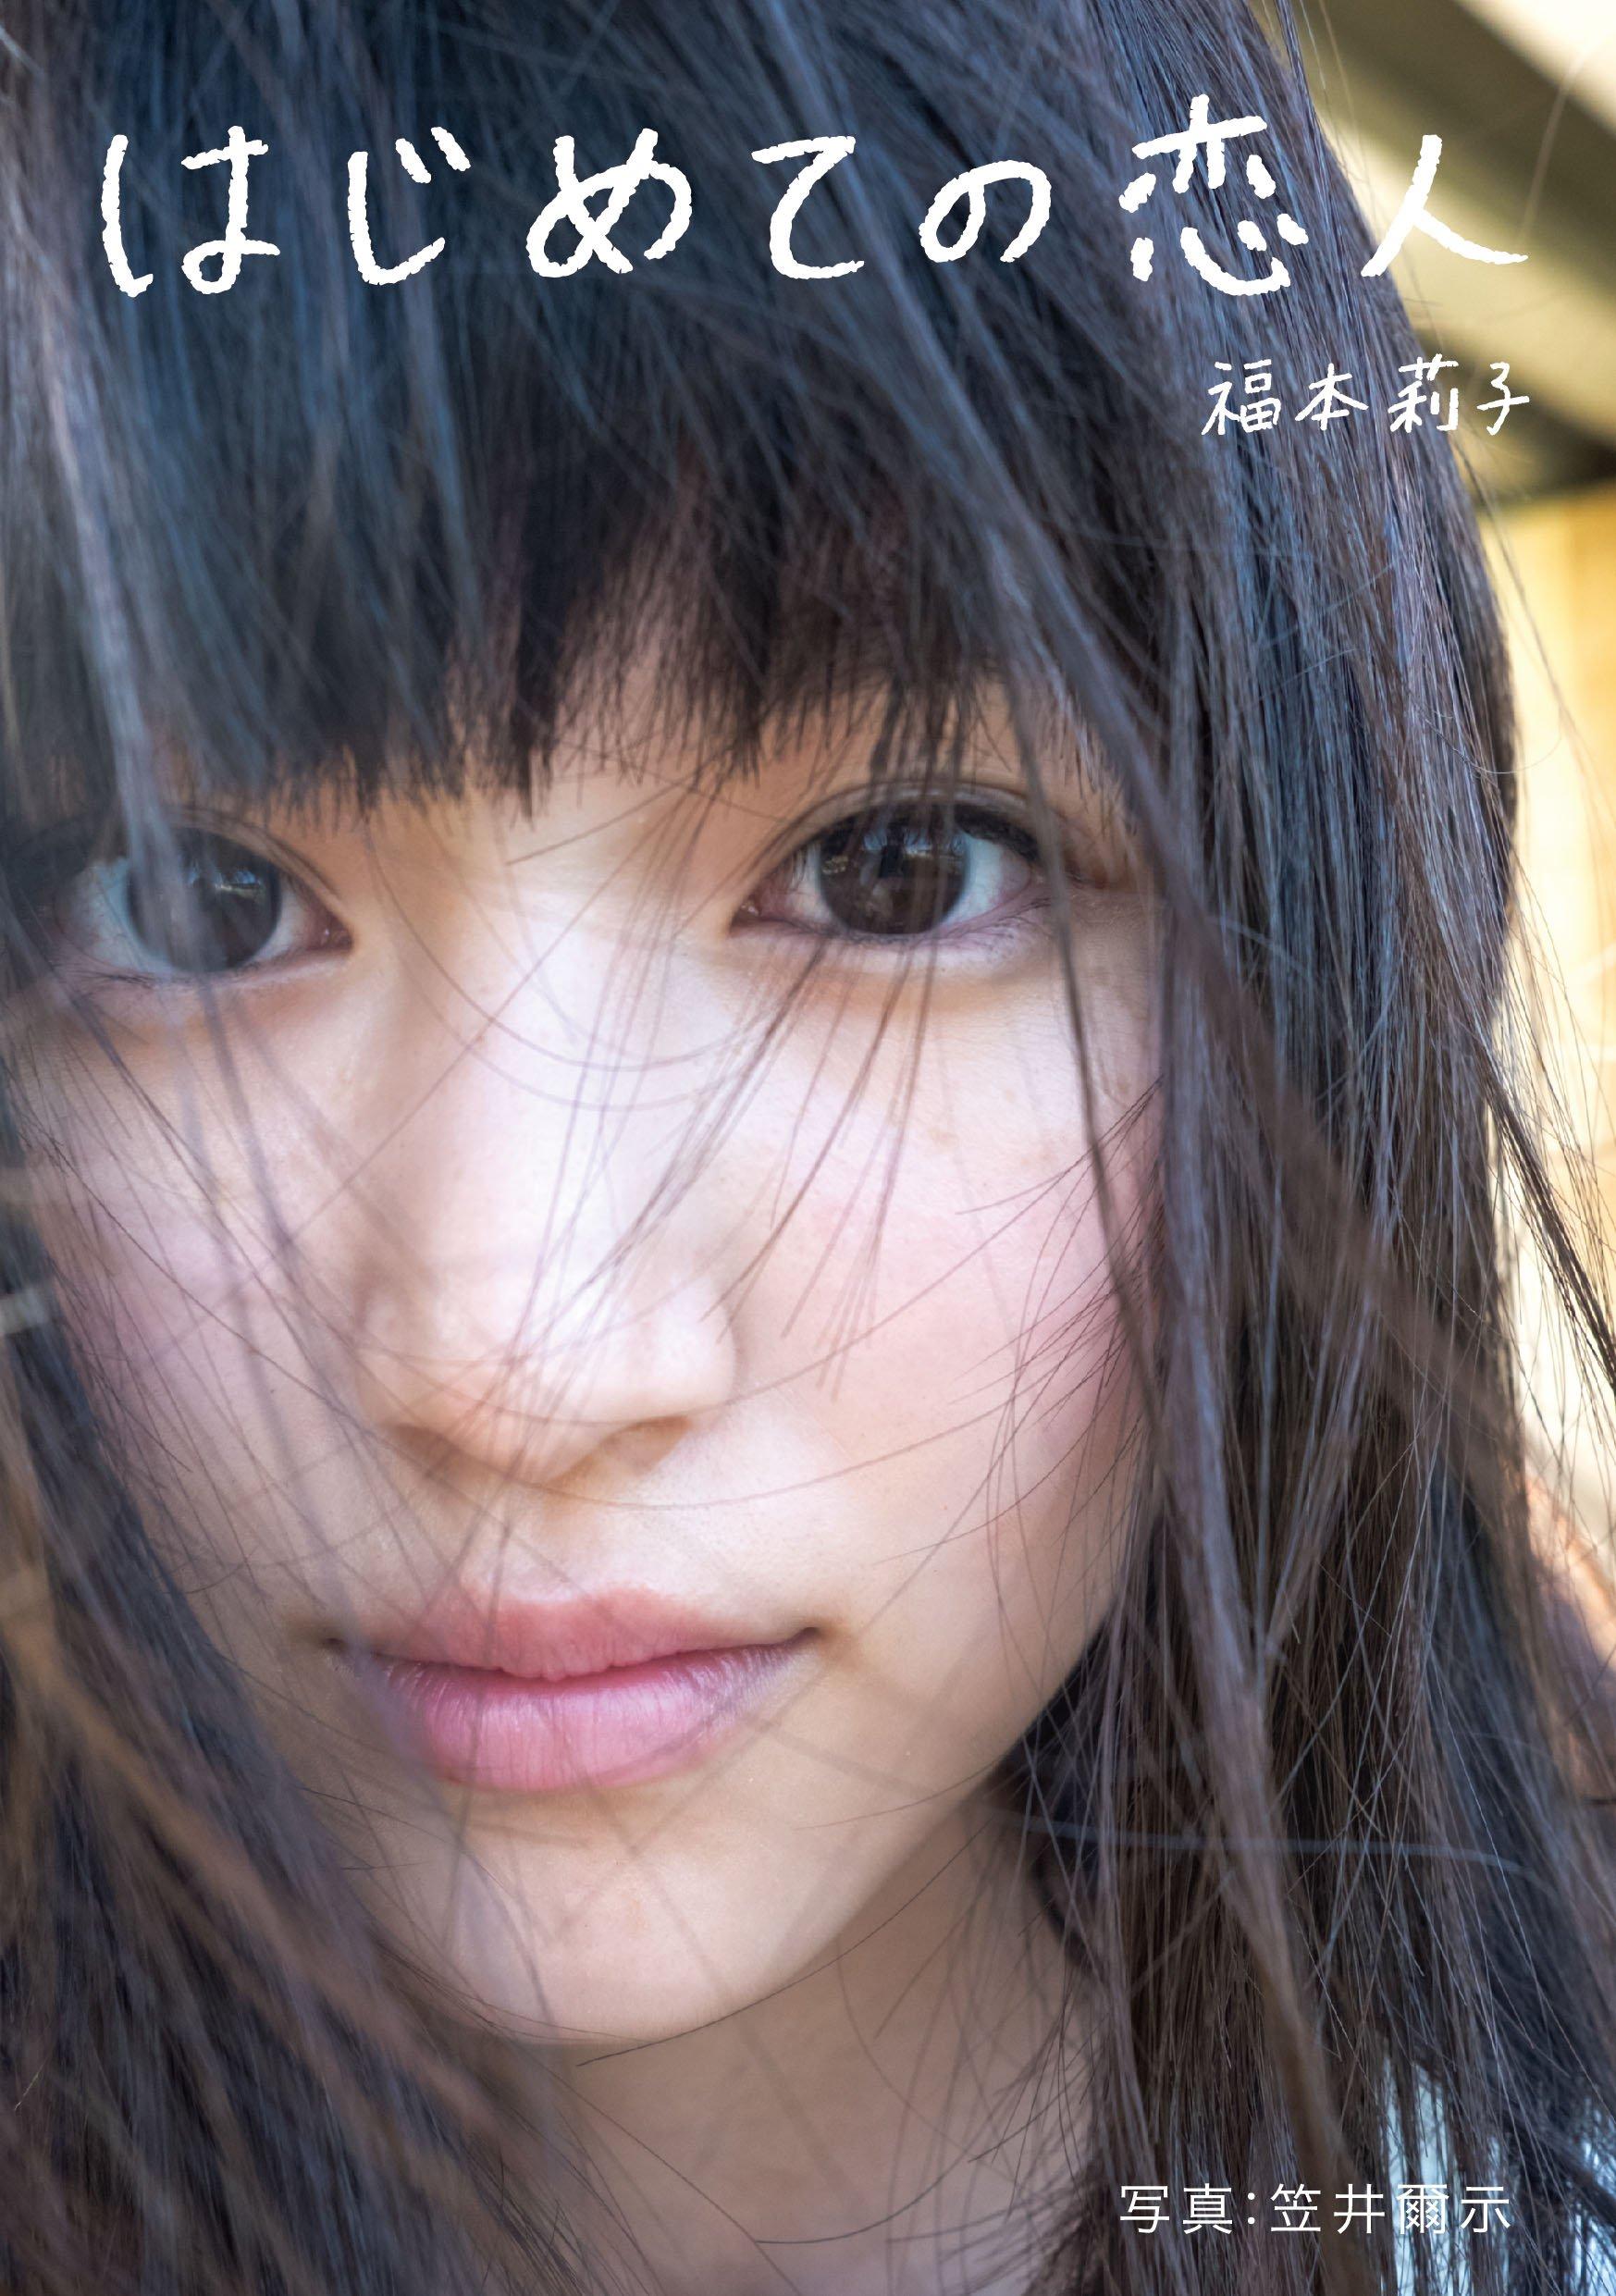 はじめての恋人 (「はじめての写真集」シリーズ Vol.01) | 福本 莉子, 笠井 爾示 |本 | 通販 | Amazon